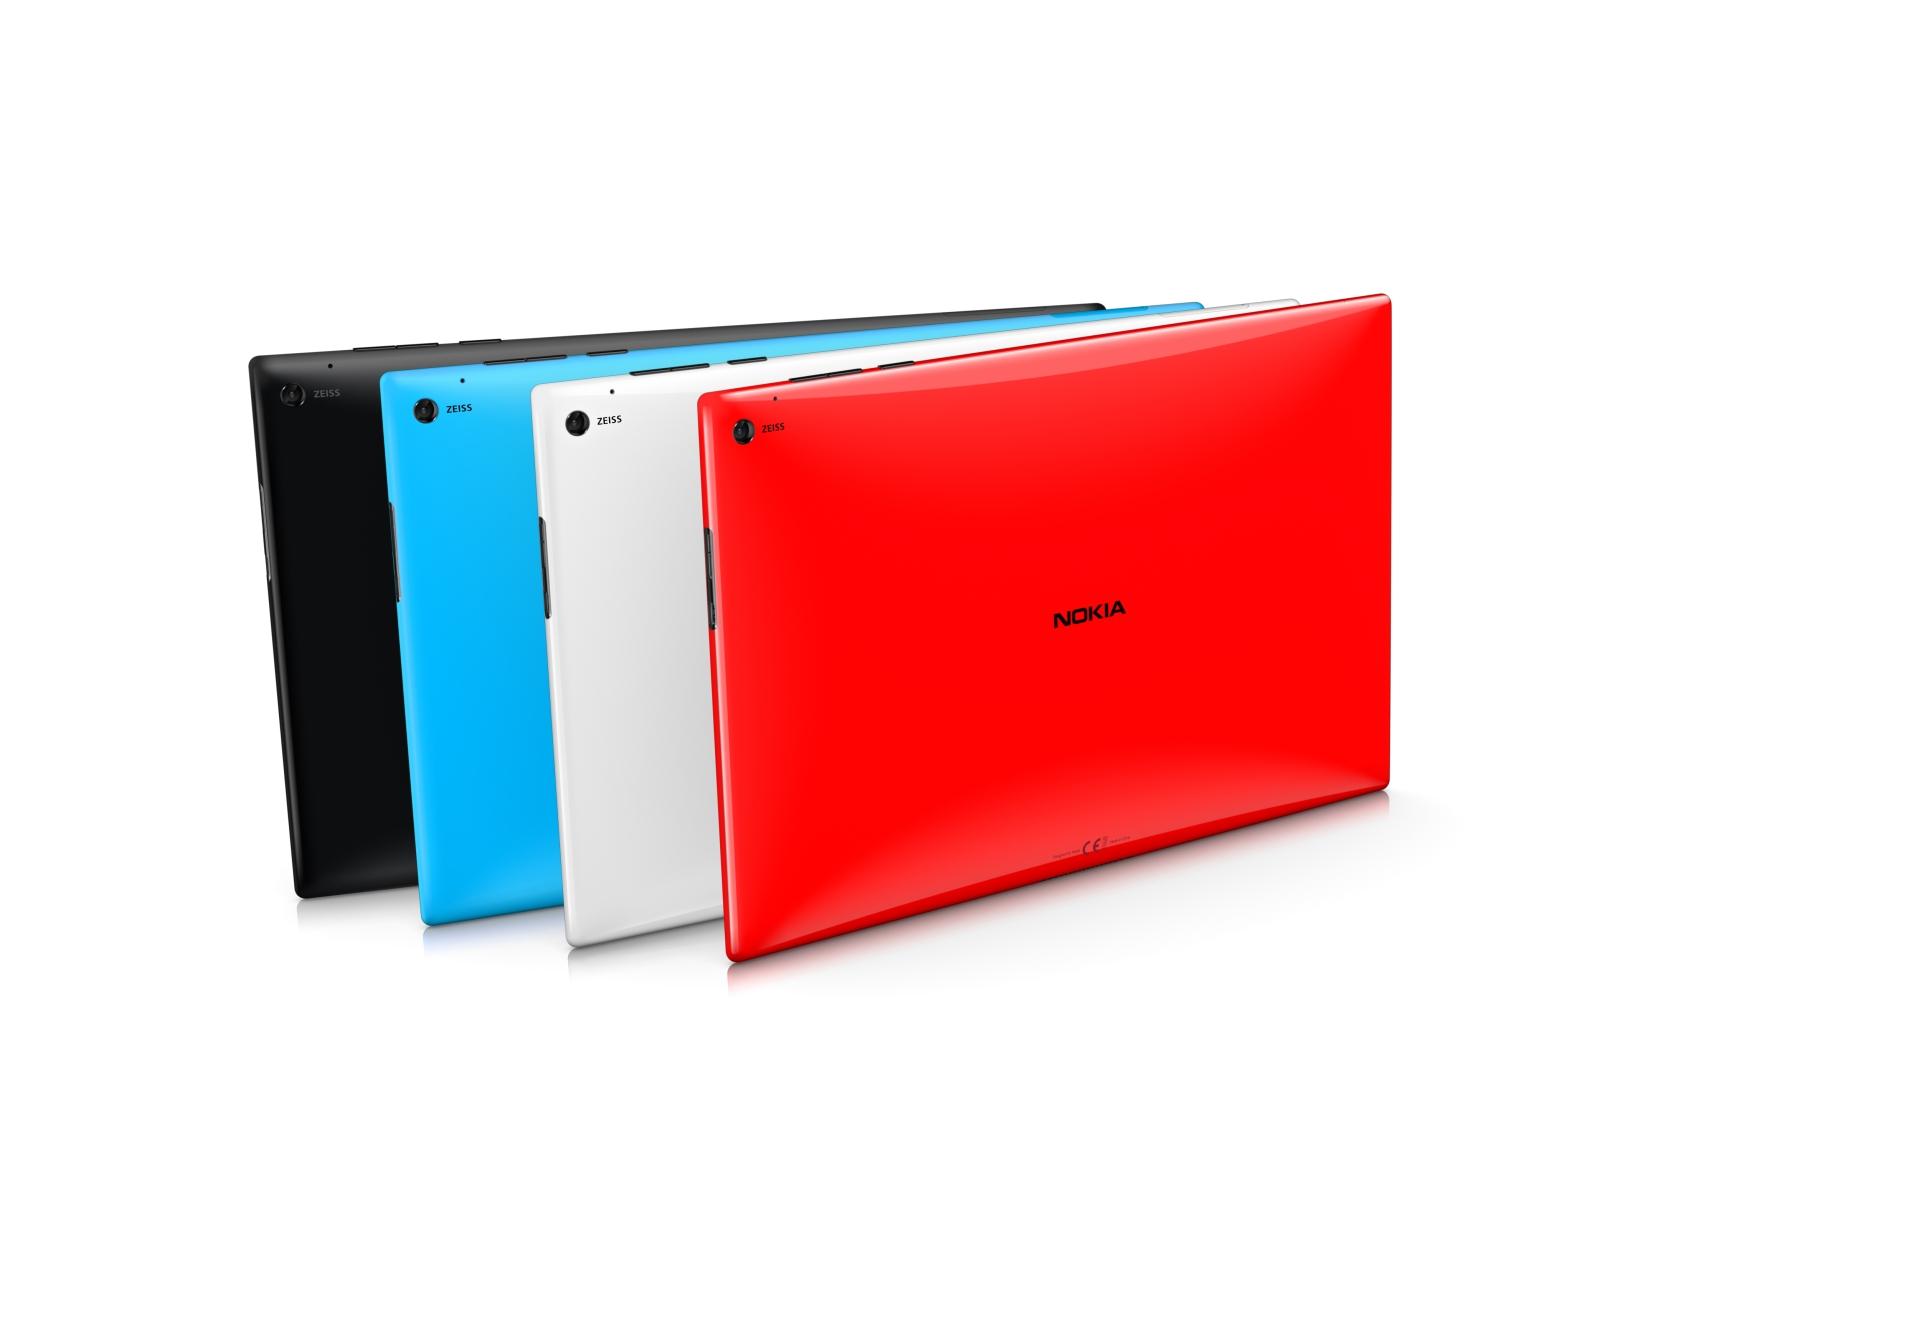 Lumia 2520: Nokias erstes Tablet kommt mit Snapdragon 800 und LTE - Es erscheint in vier Farben. (Bild: Nokia)